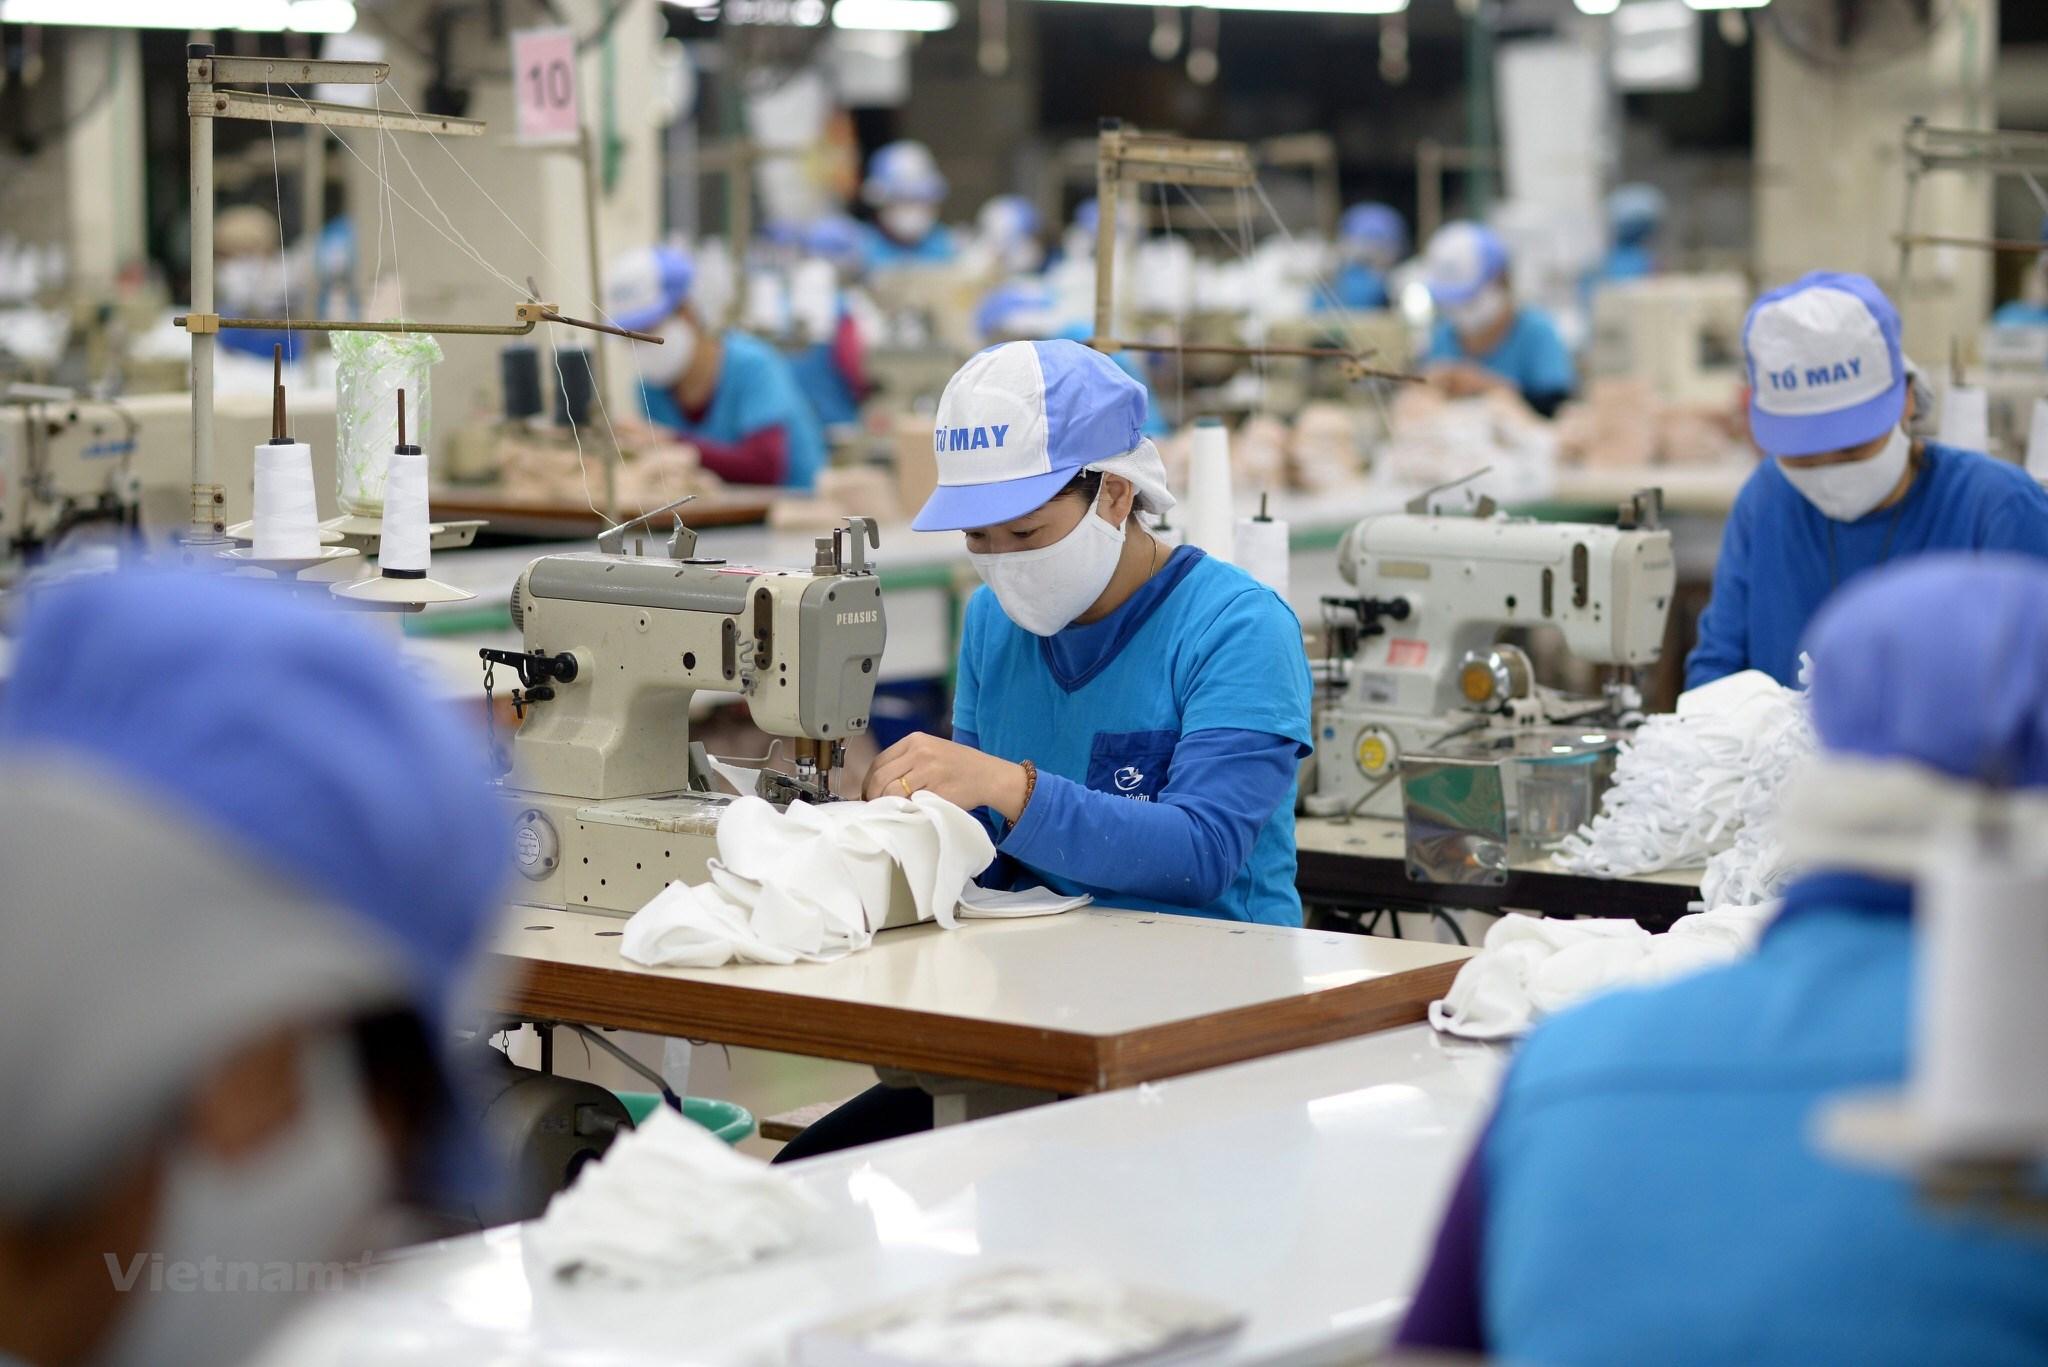 Doanh nghiệp đón cơ hội bật dậy trong thời kỳ hậu COVID-19 | Doanh nghiệp |  Vietnam+ (VietnamPlus)